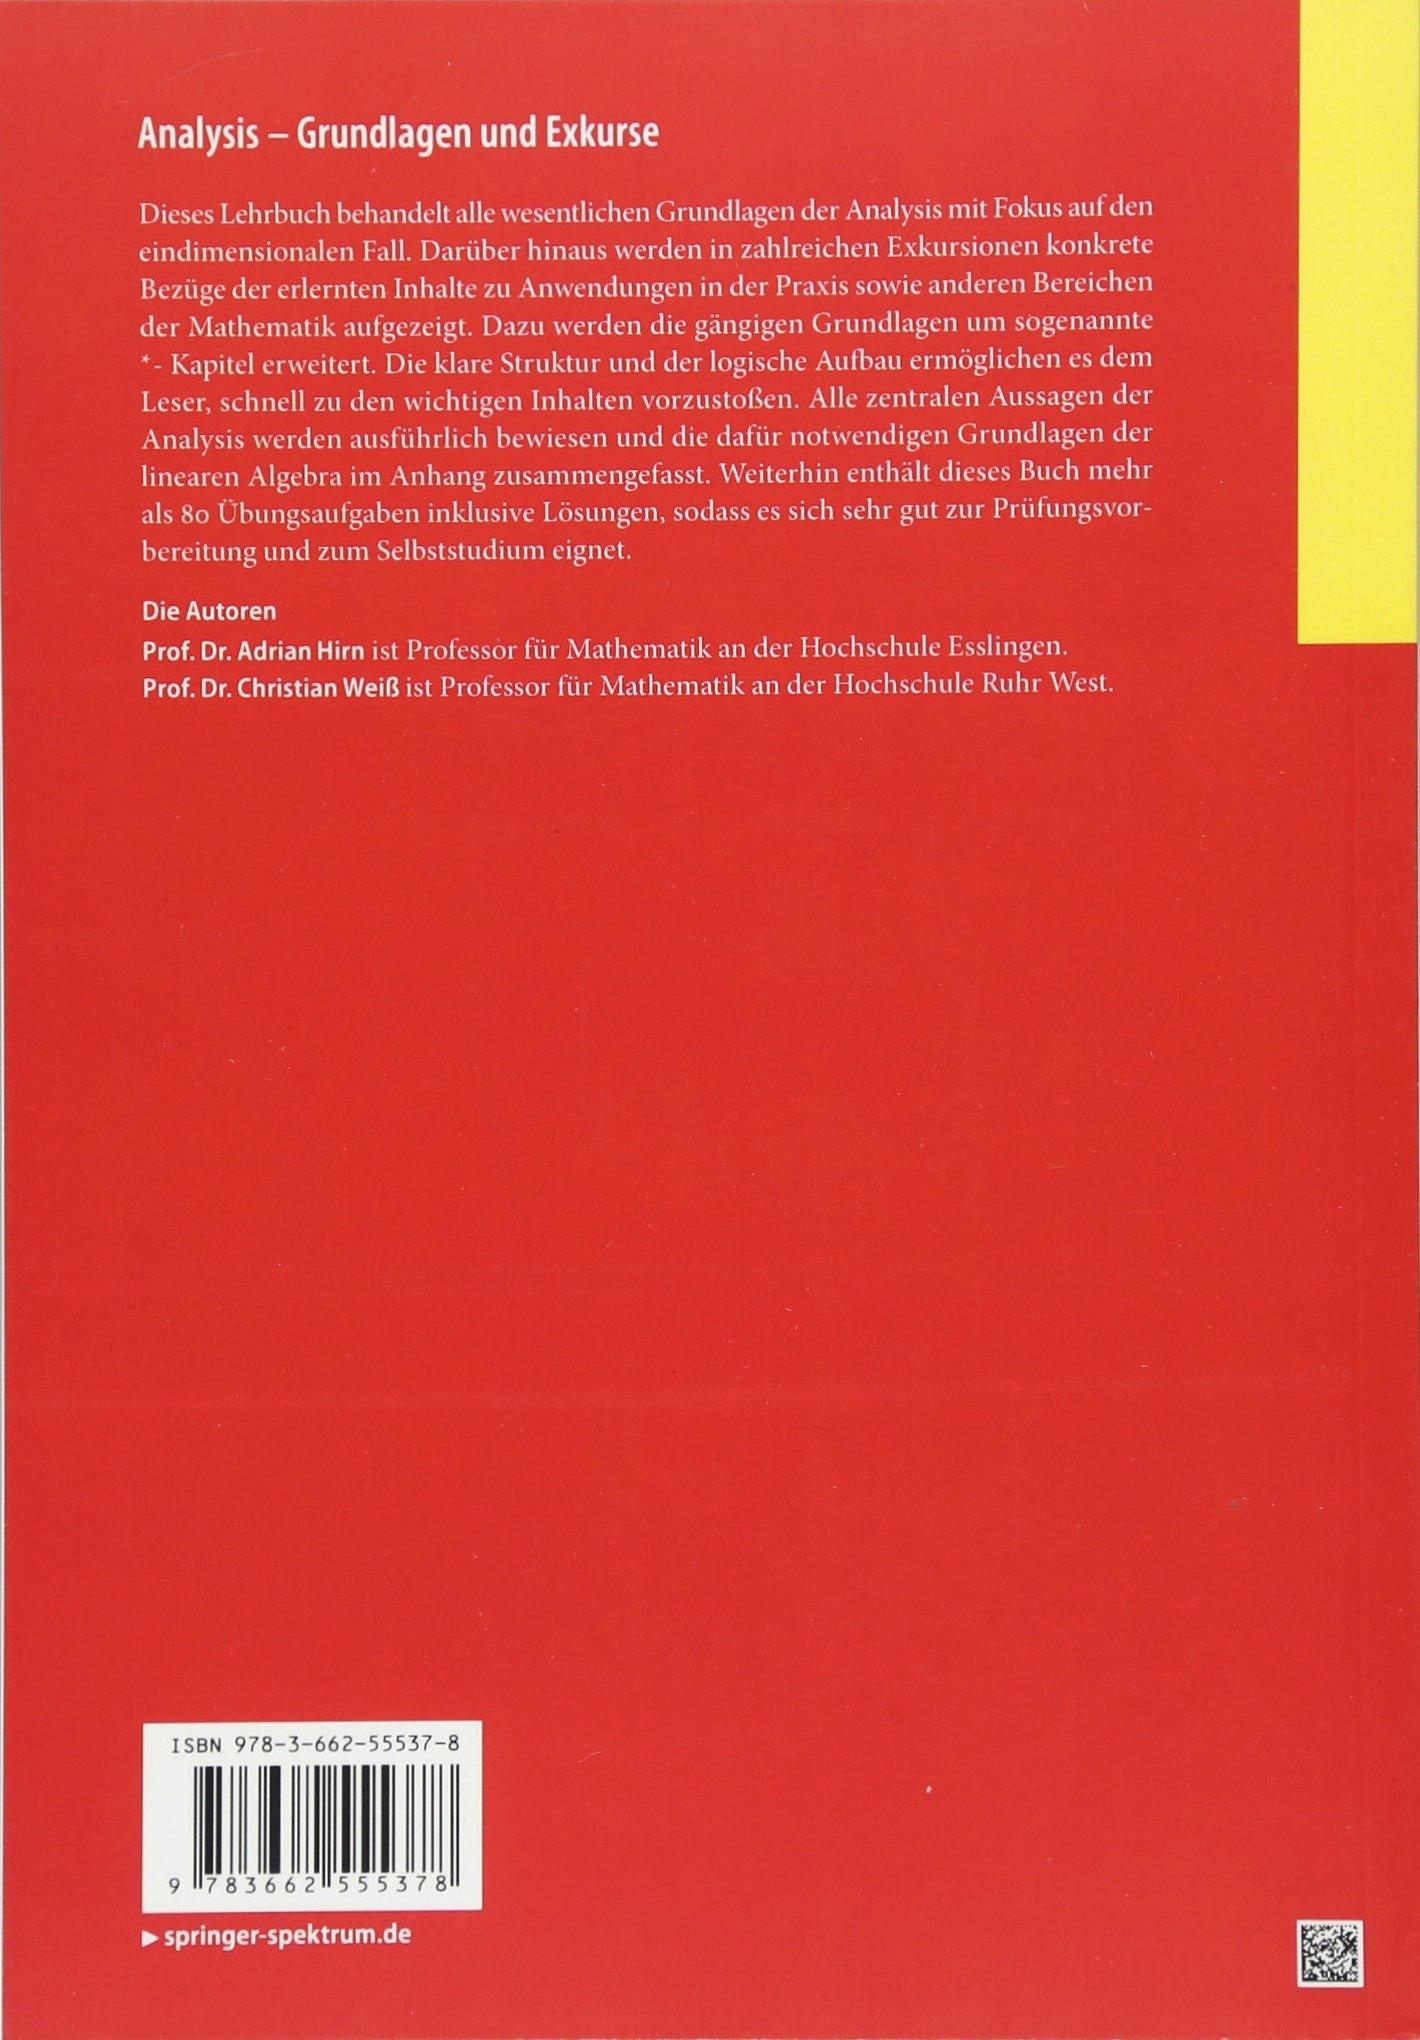 Analysis – Grundlagen und Exkurse: Grundprinzipien der Differential- und  Integralrechnung: Amazon.de: Adrian Hirn, Christian Weiß: Bücher